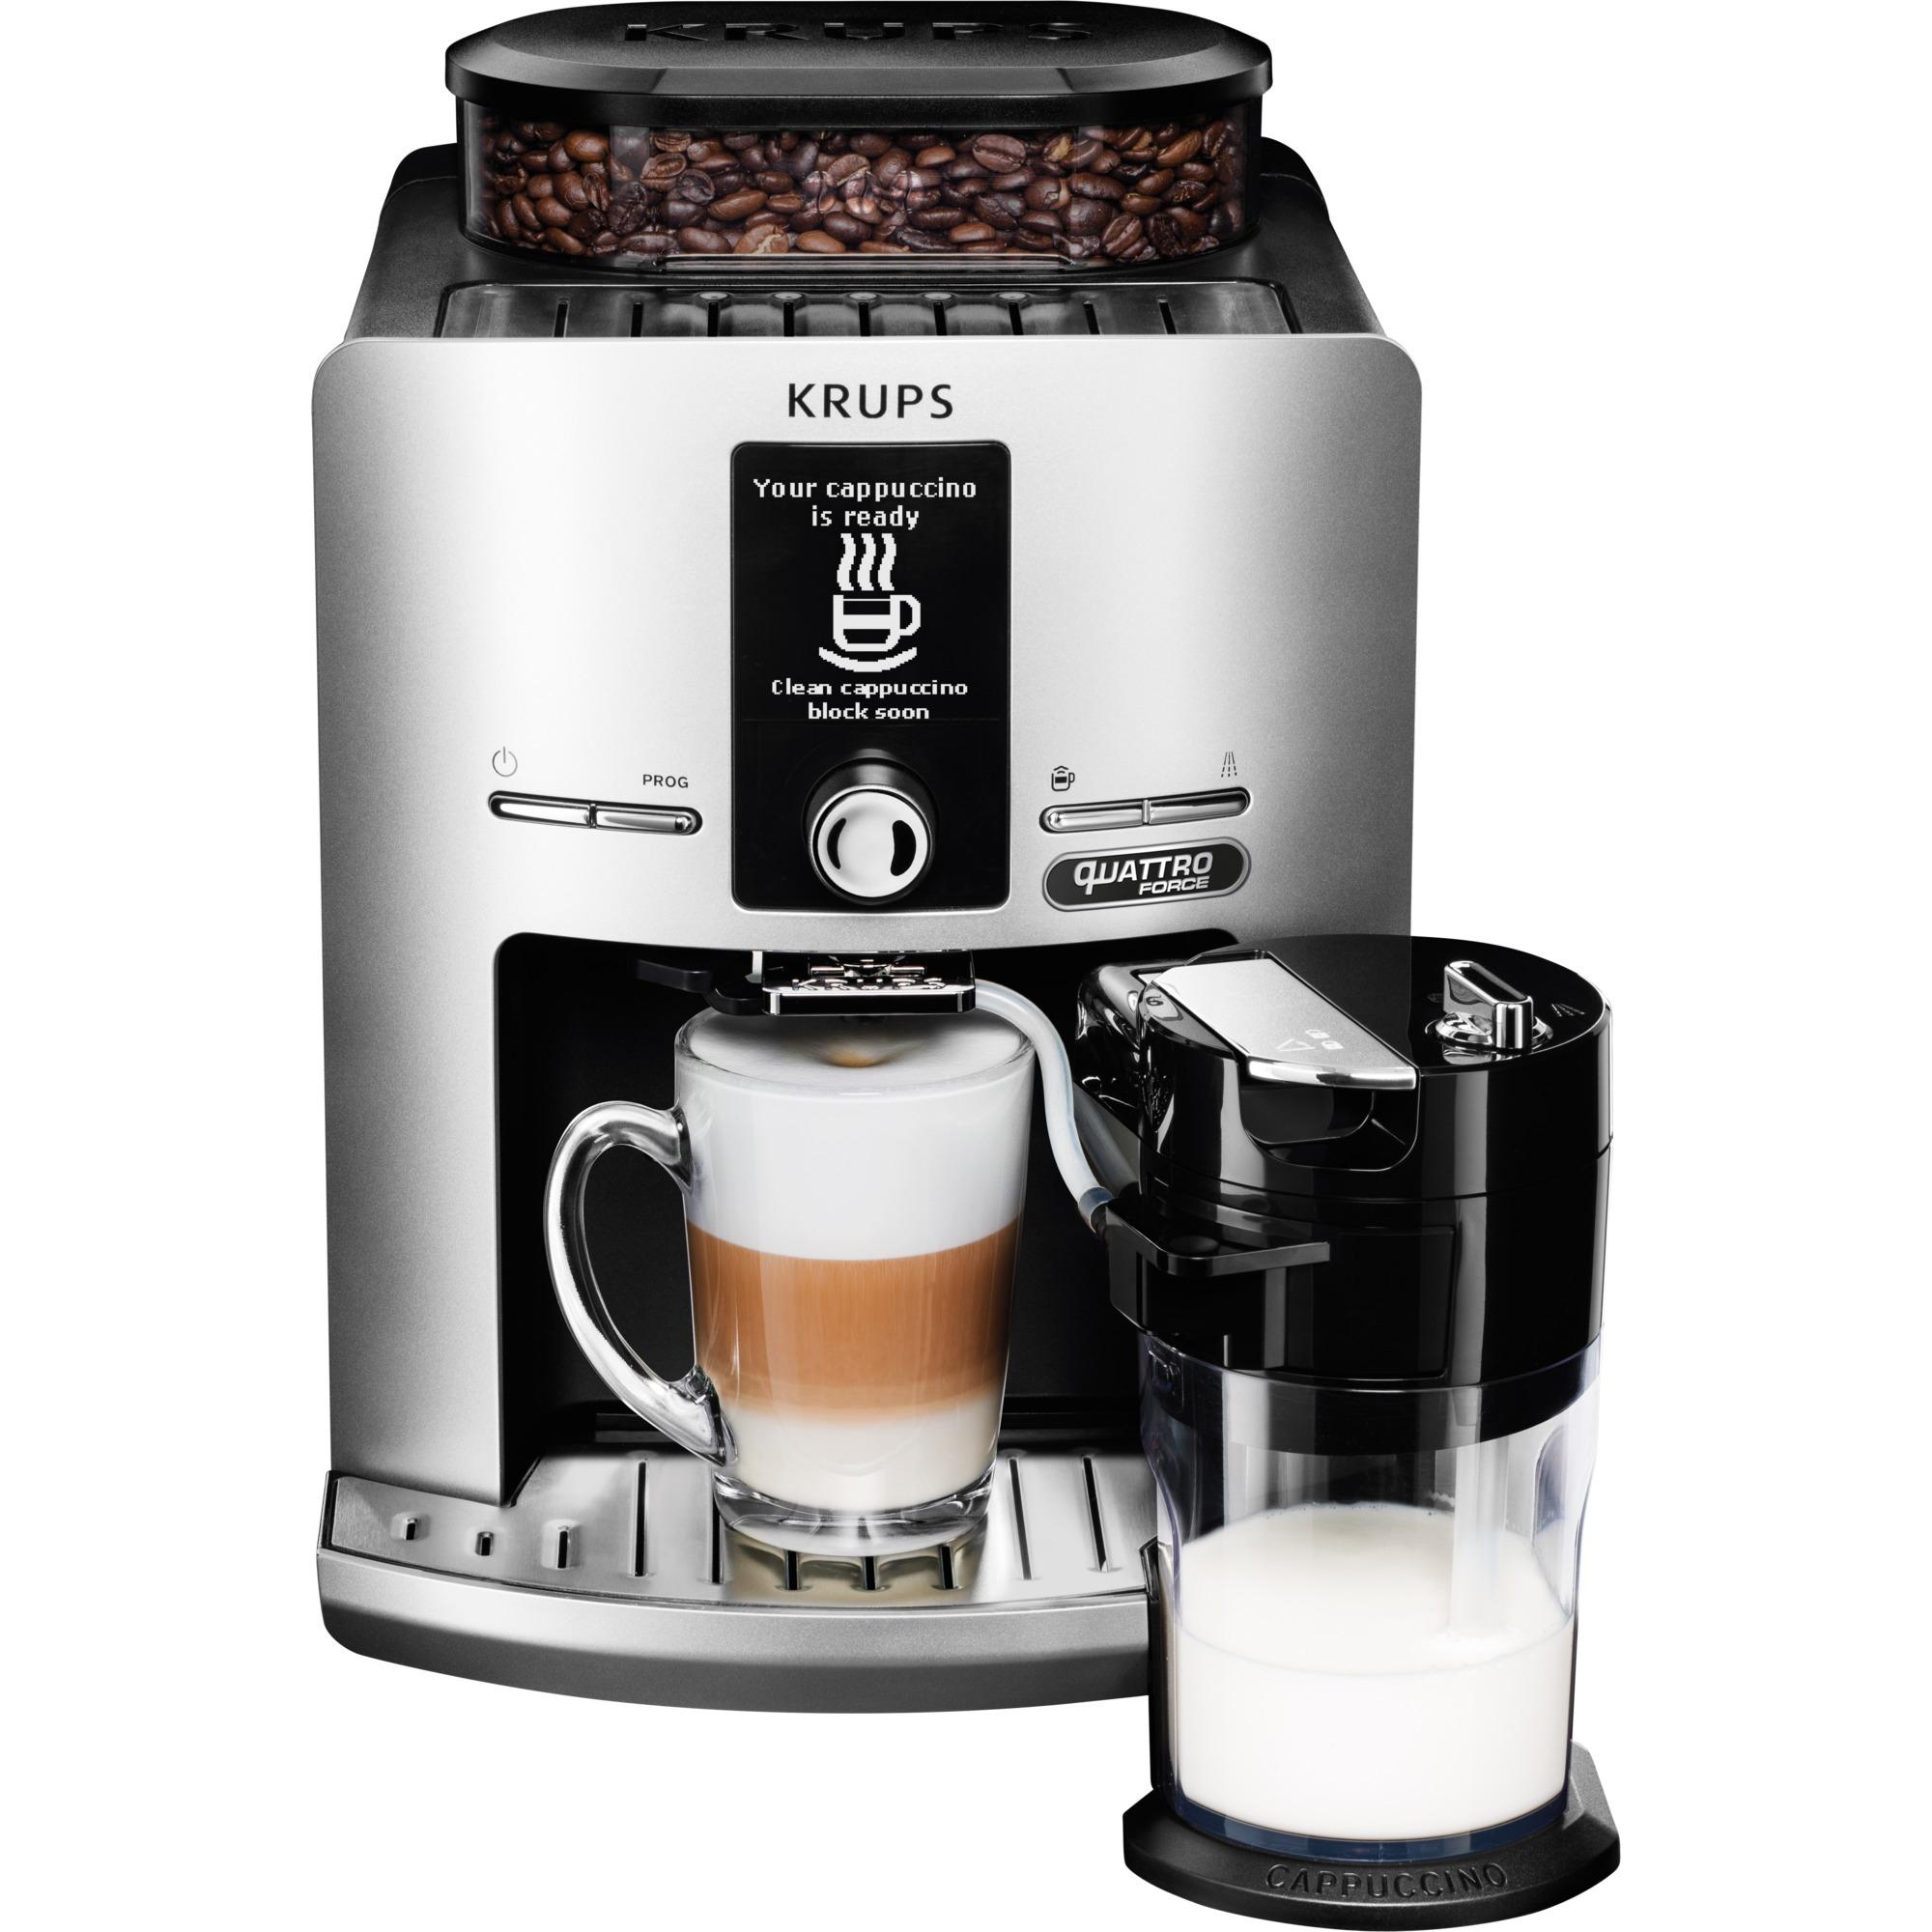 EA82FE cafetera eléctrica Independiente Máquina espresso 1,7 L Totalmente automática, Superautomática